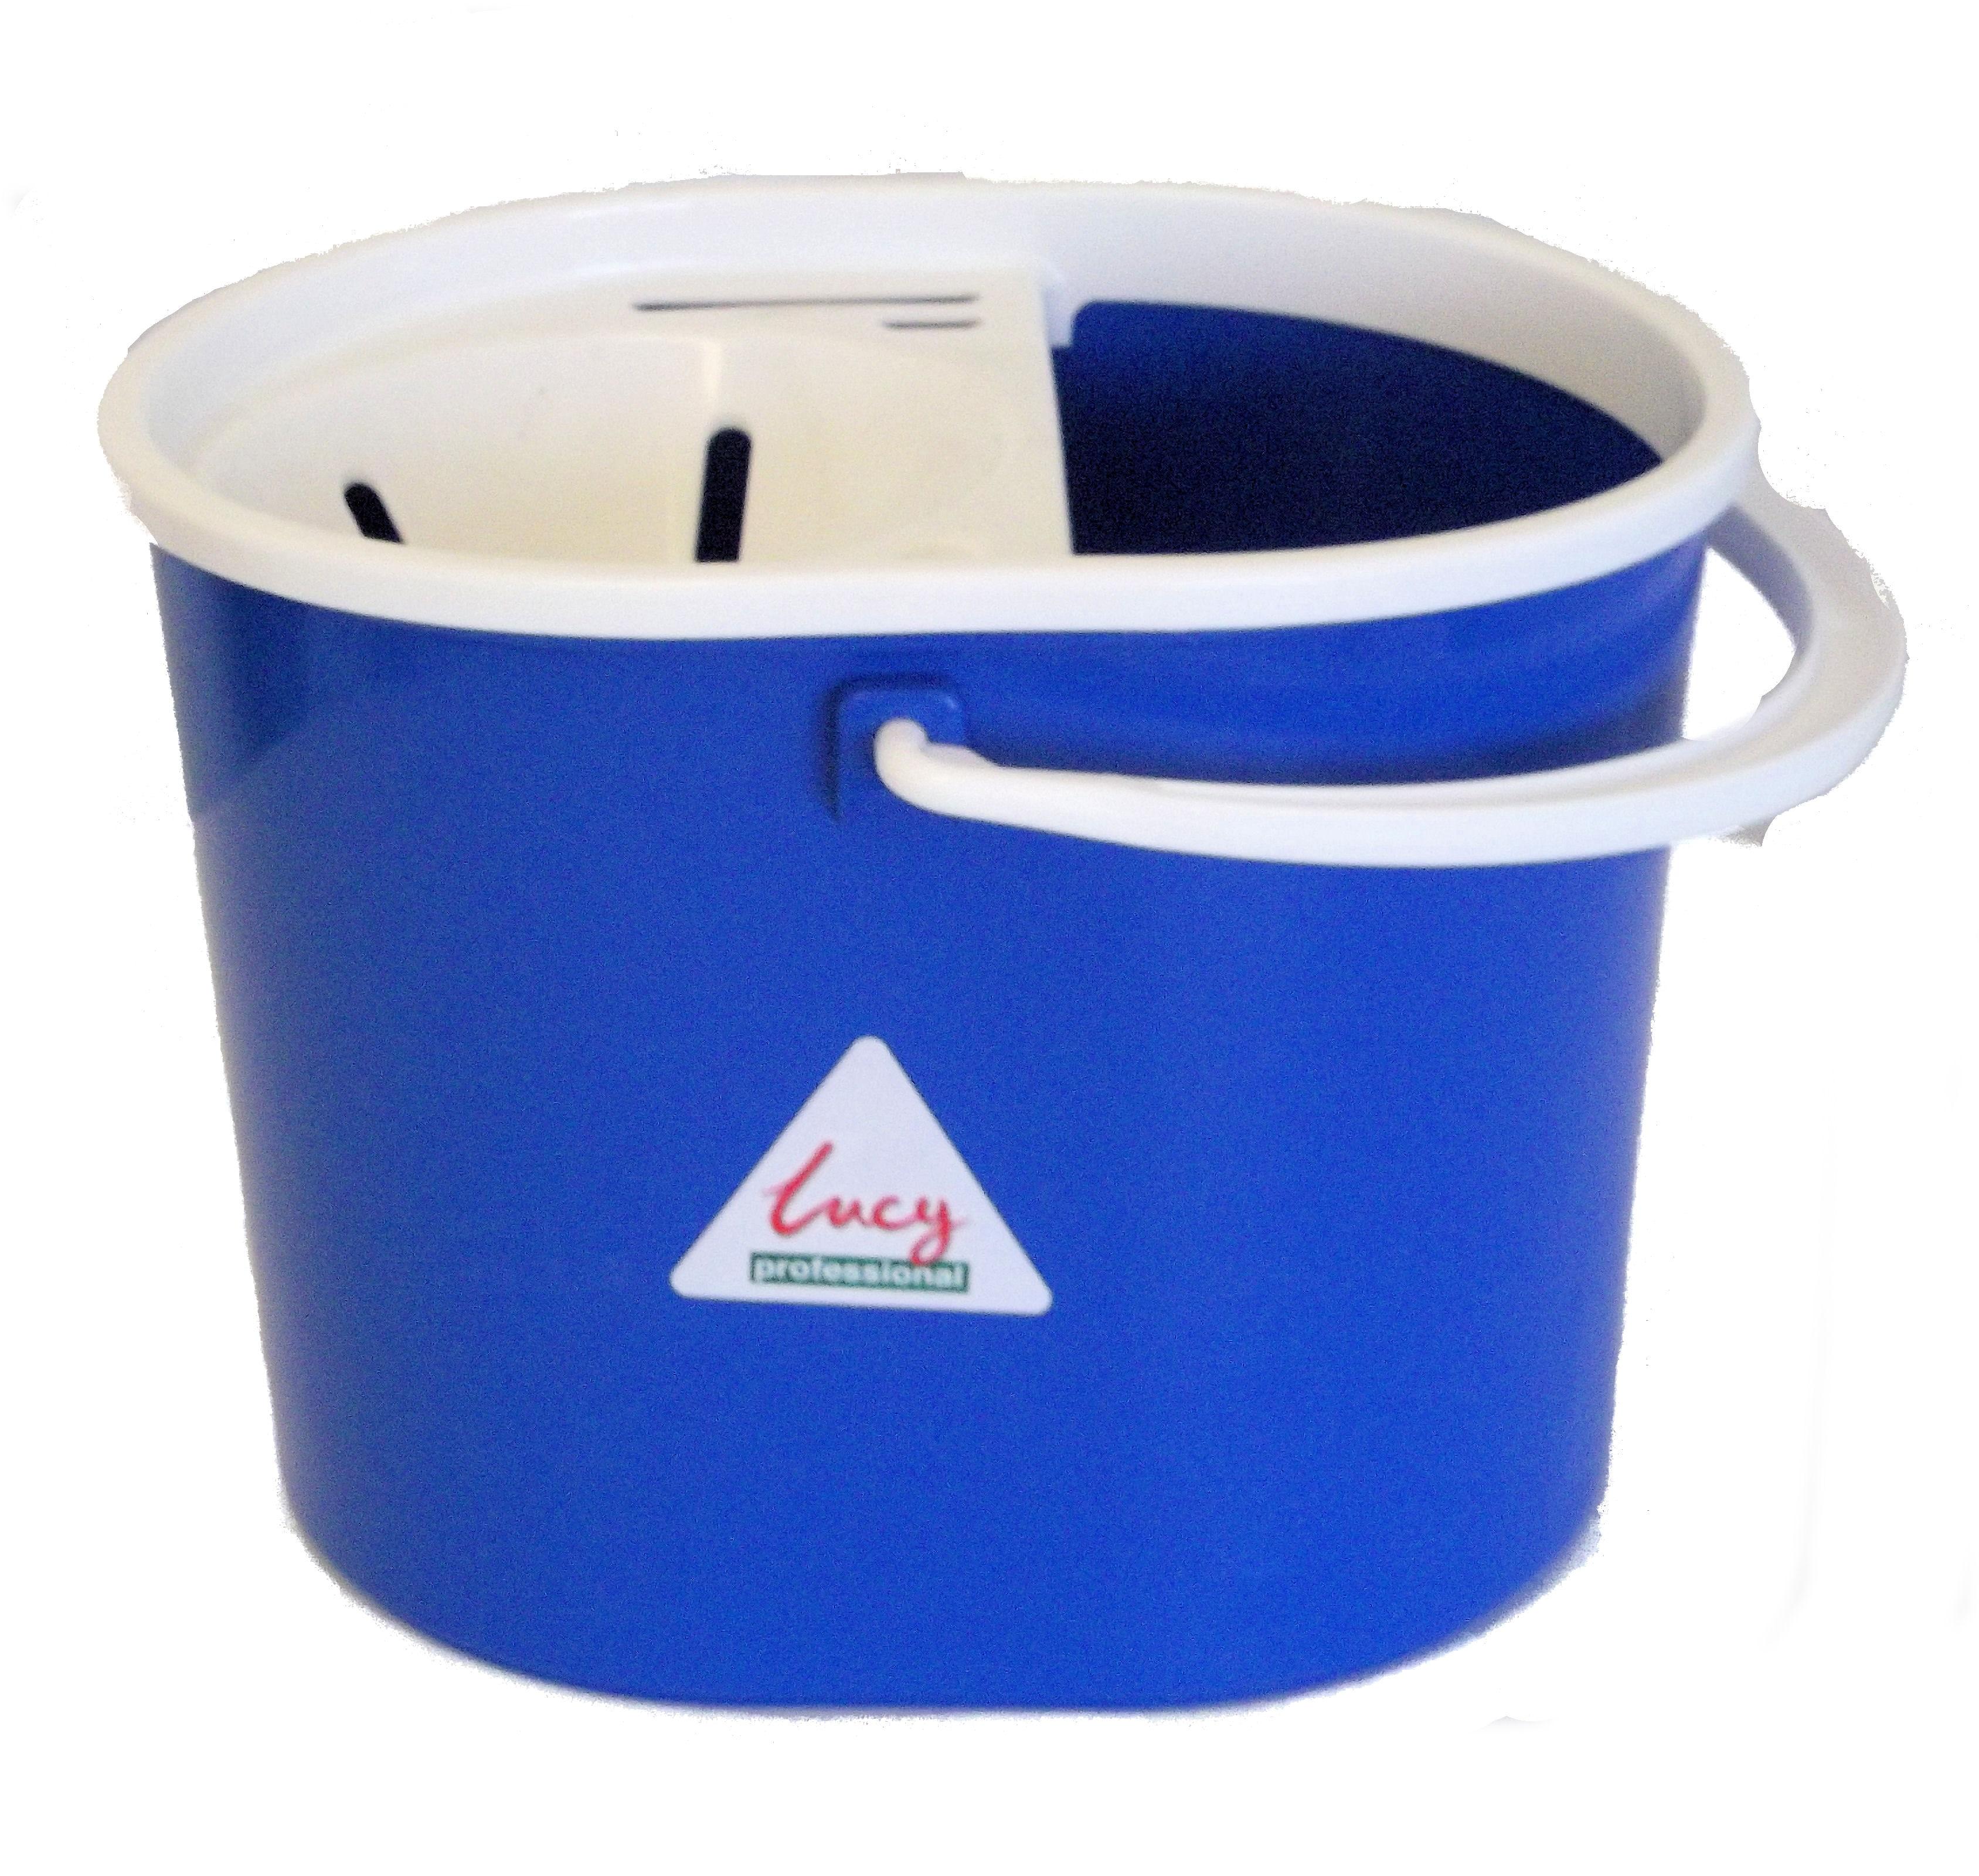 Lucy Oval Mop Bucket BLUE